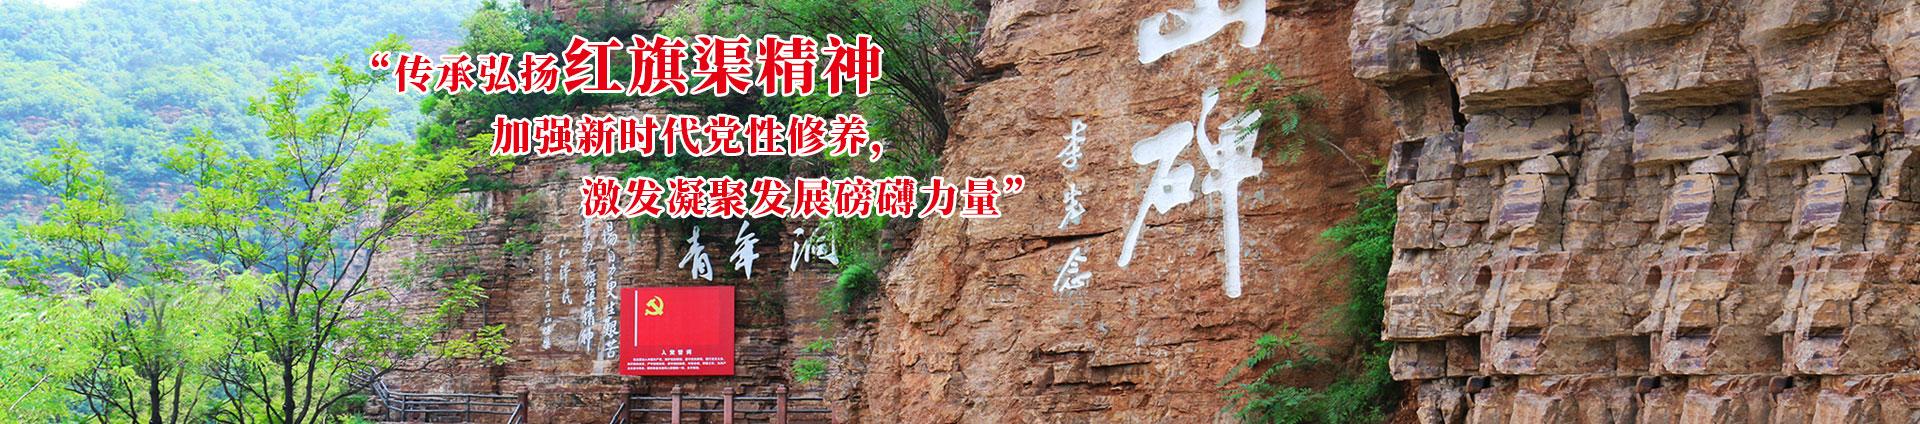 林州市神舟文化教育培训中心党性教育培训